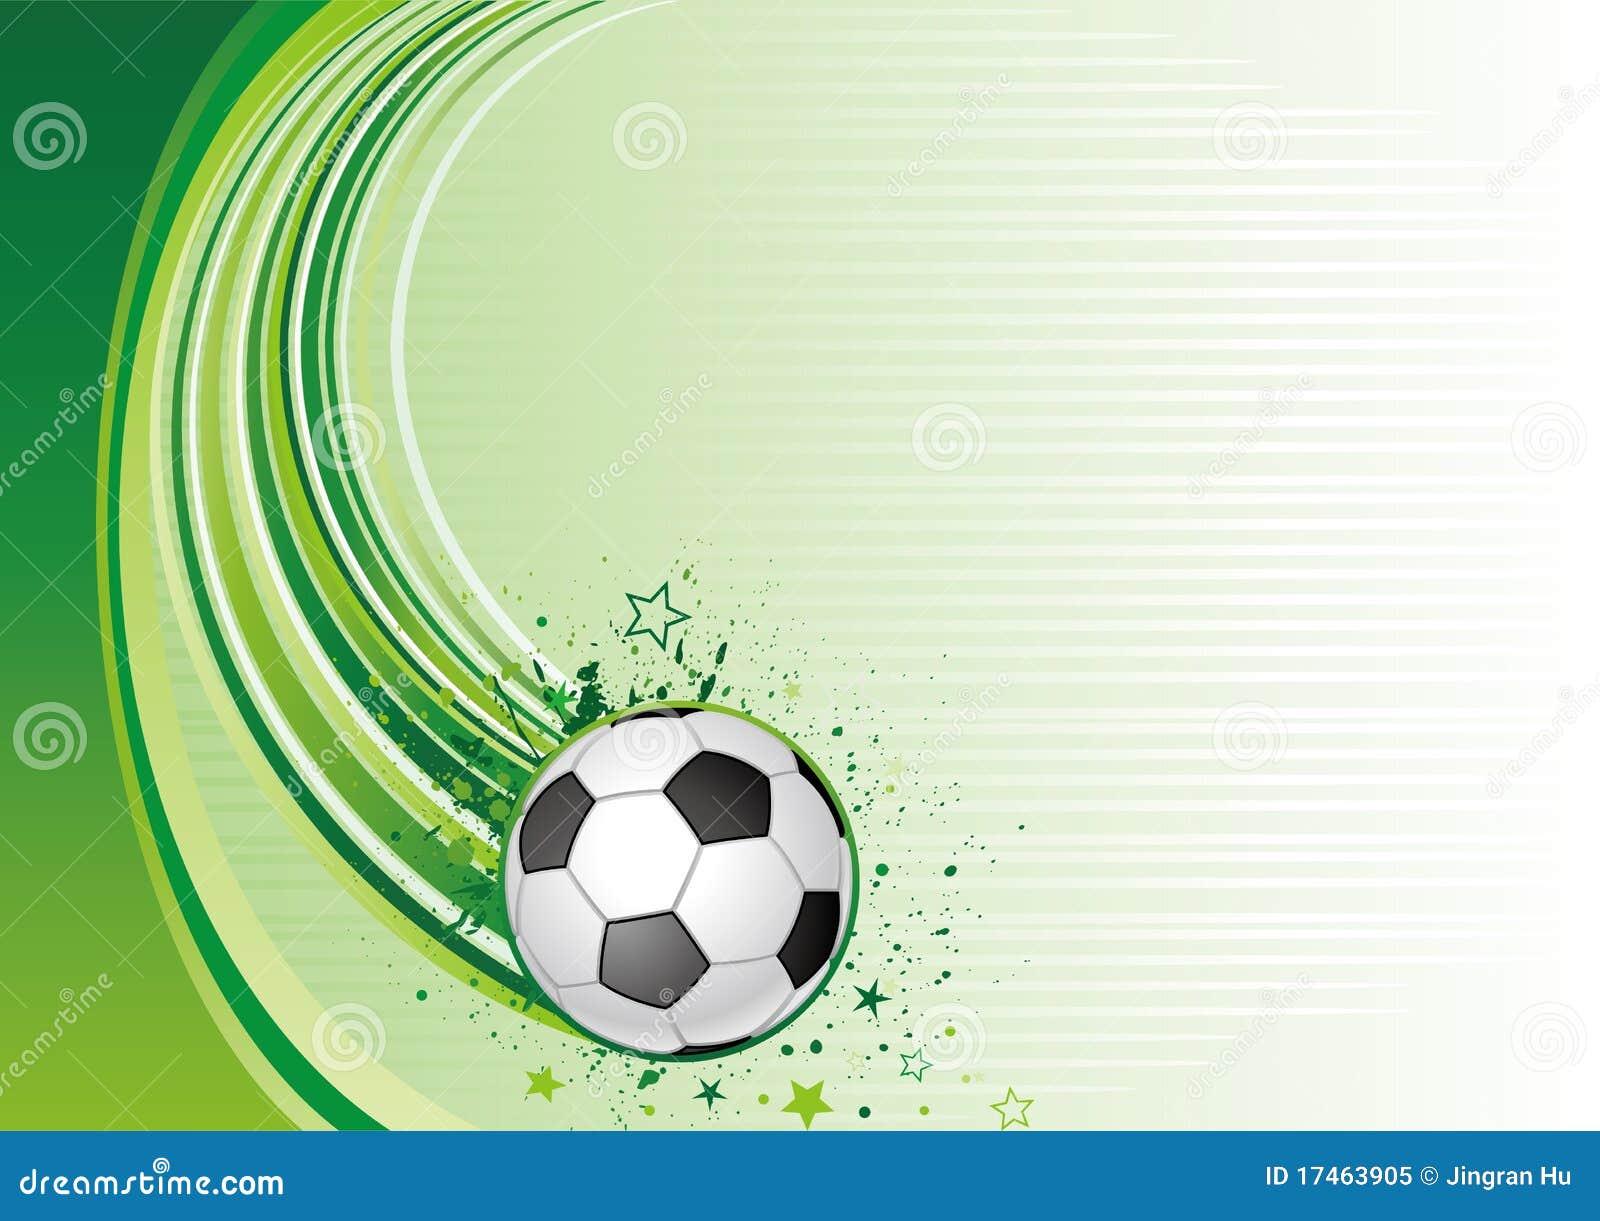 Vector Deportes Bolas Patrón De Fondo: Fondo Del Fútbol Ilustración Del Vector. Ilustración De